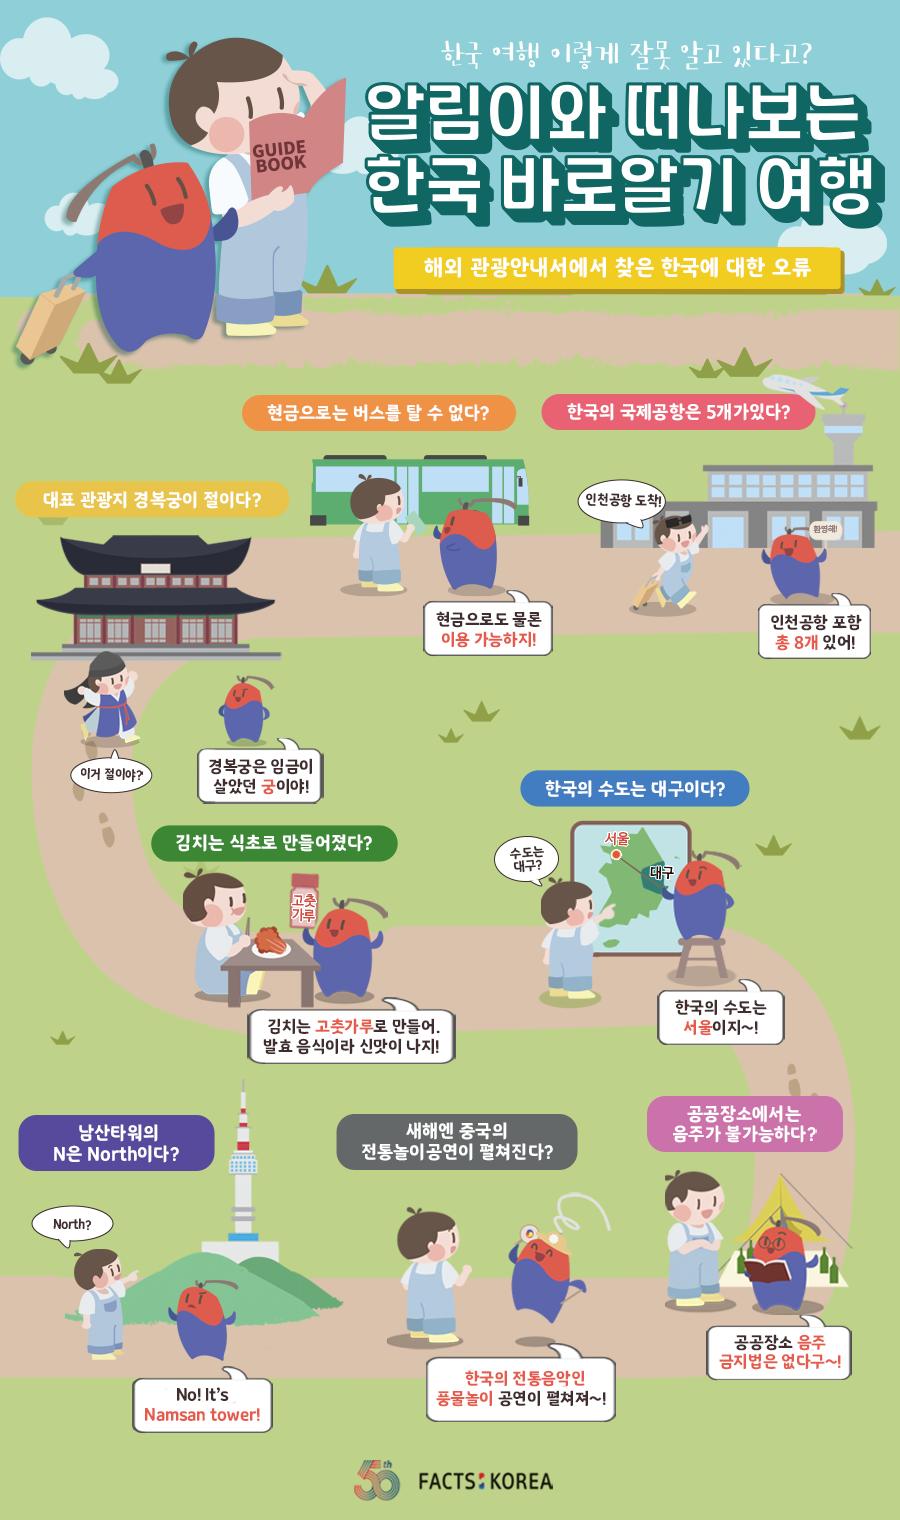 한국 여행 이렇게 잘못 알고 있다고? 알림이와 떠나보는 한국 바로알기 여행 - 해외 관광안내서에서 찾은 한국에 대한 오류